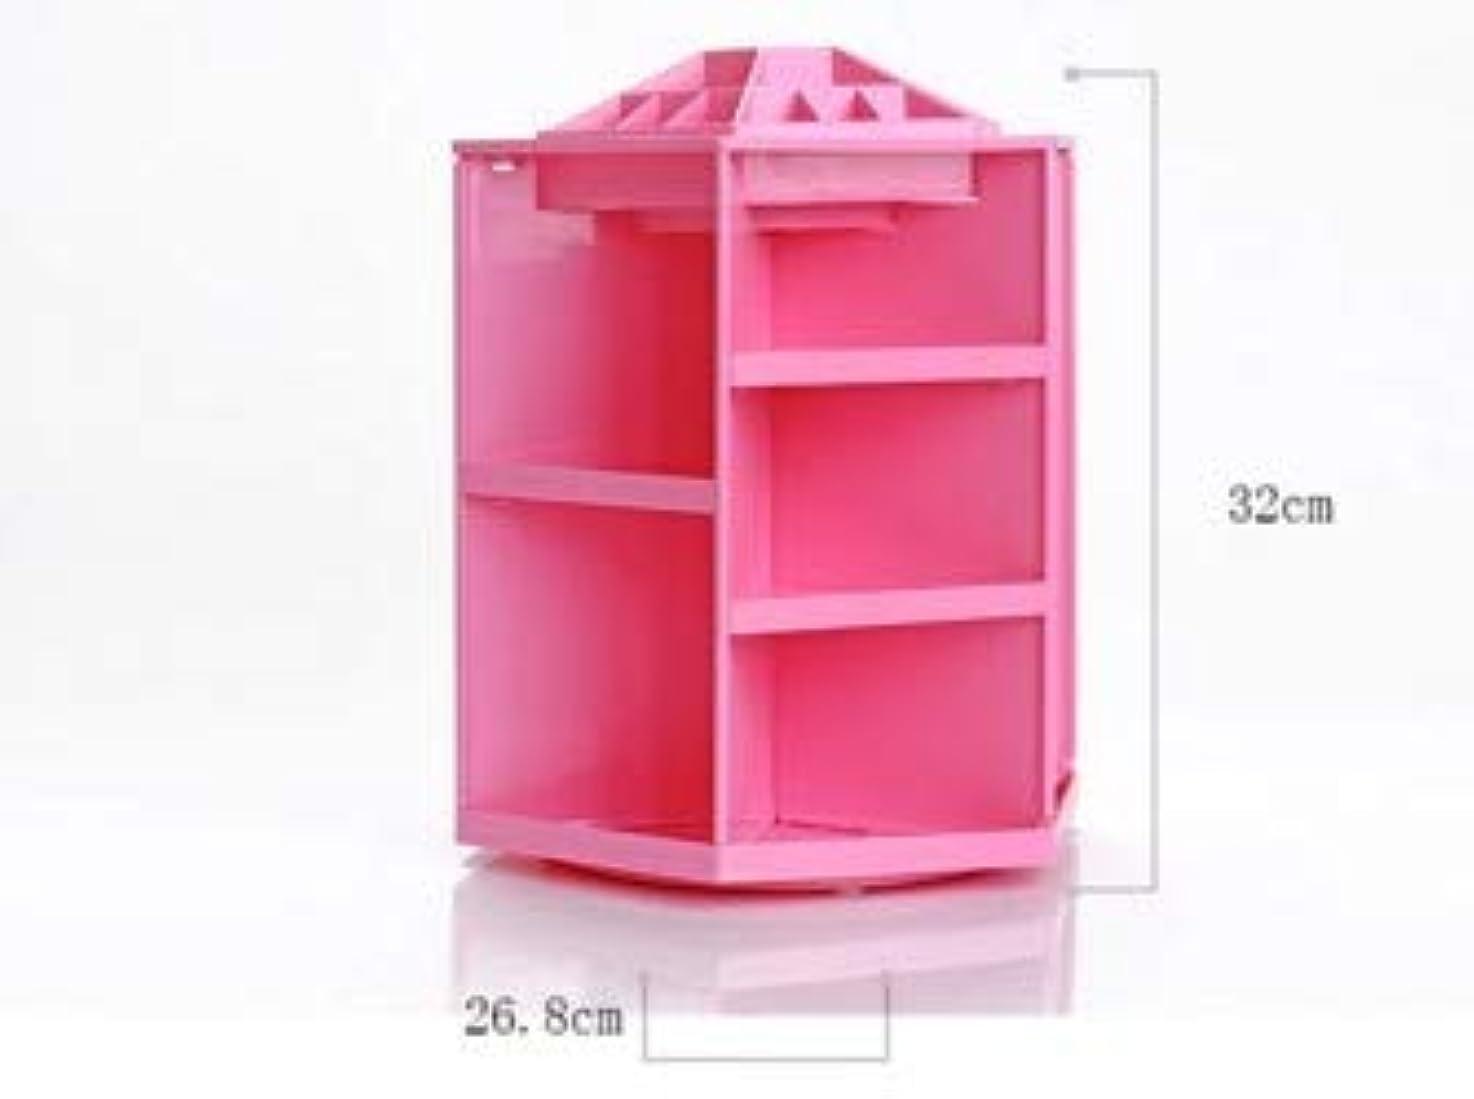 企業詩人ねばねばクリエイティブキャンディーカラー多機能化粧品収納ボックス360度回転デスクトップジュエリーボックス (Color : ピンク)